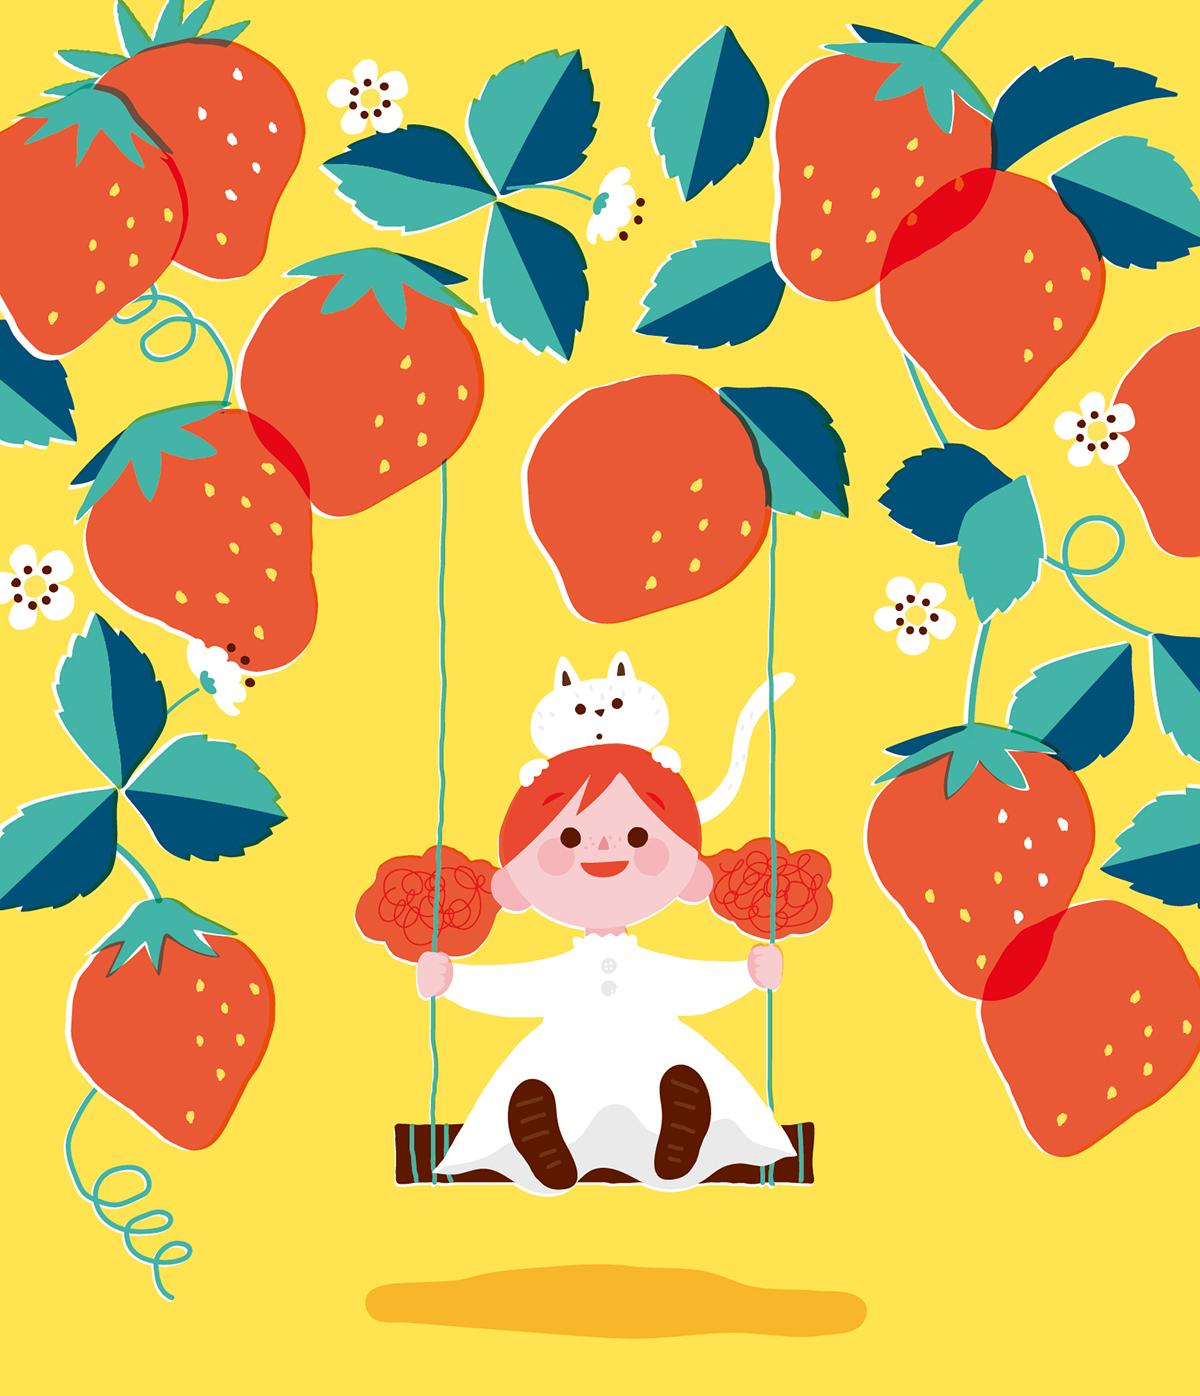 白猫と苺のブランコで遊ぶ女の子